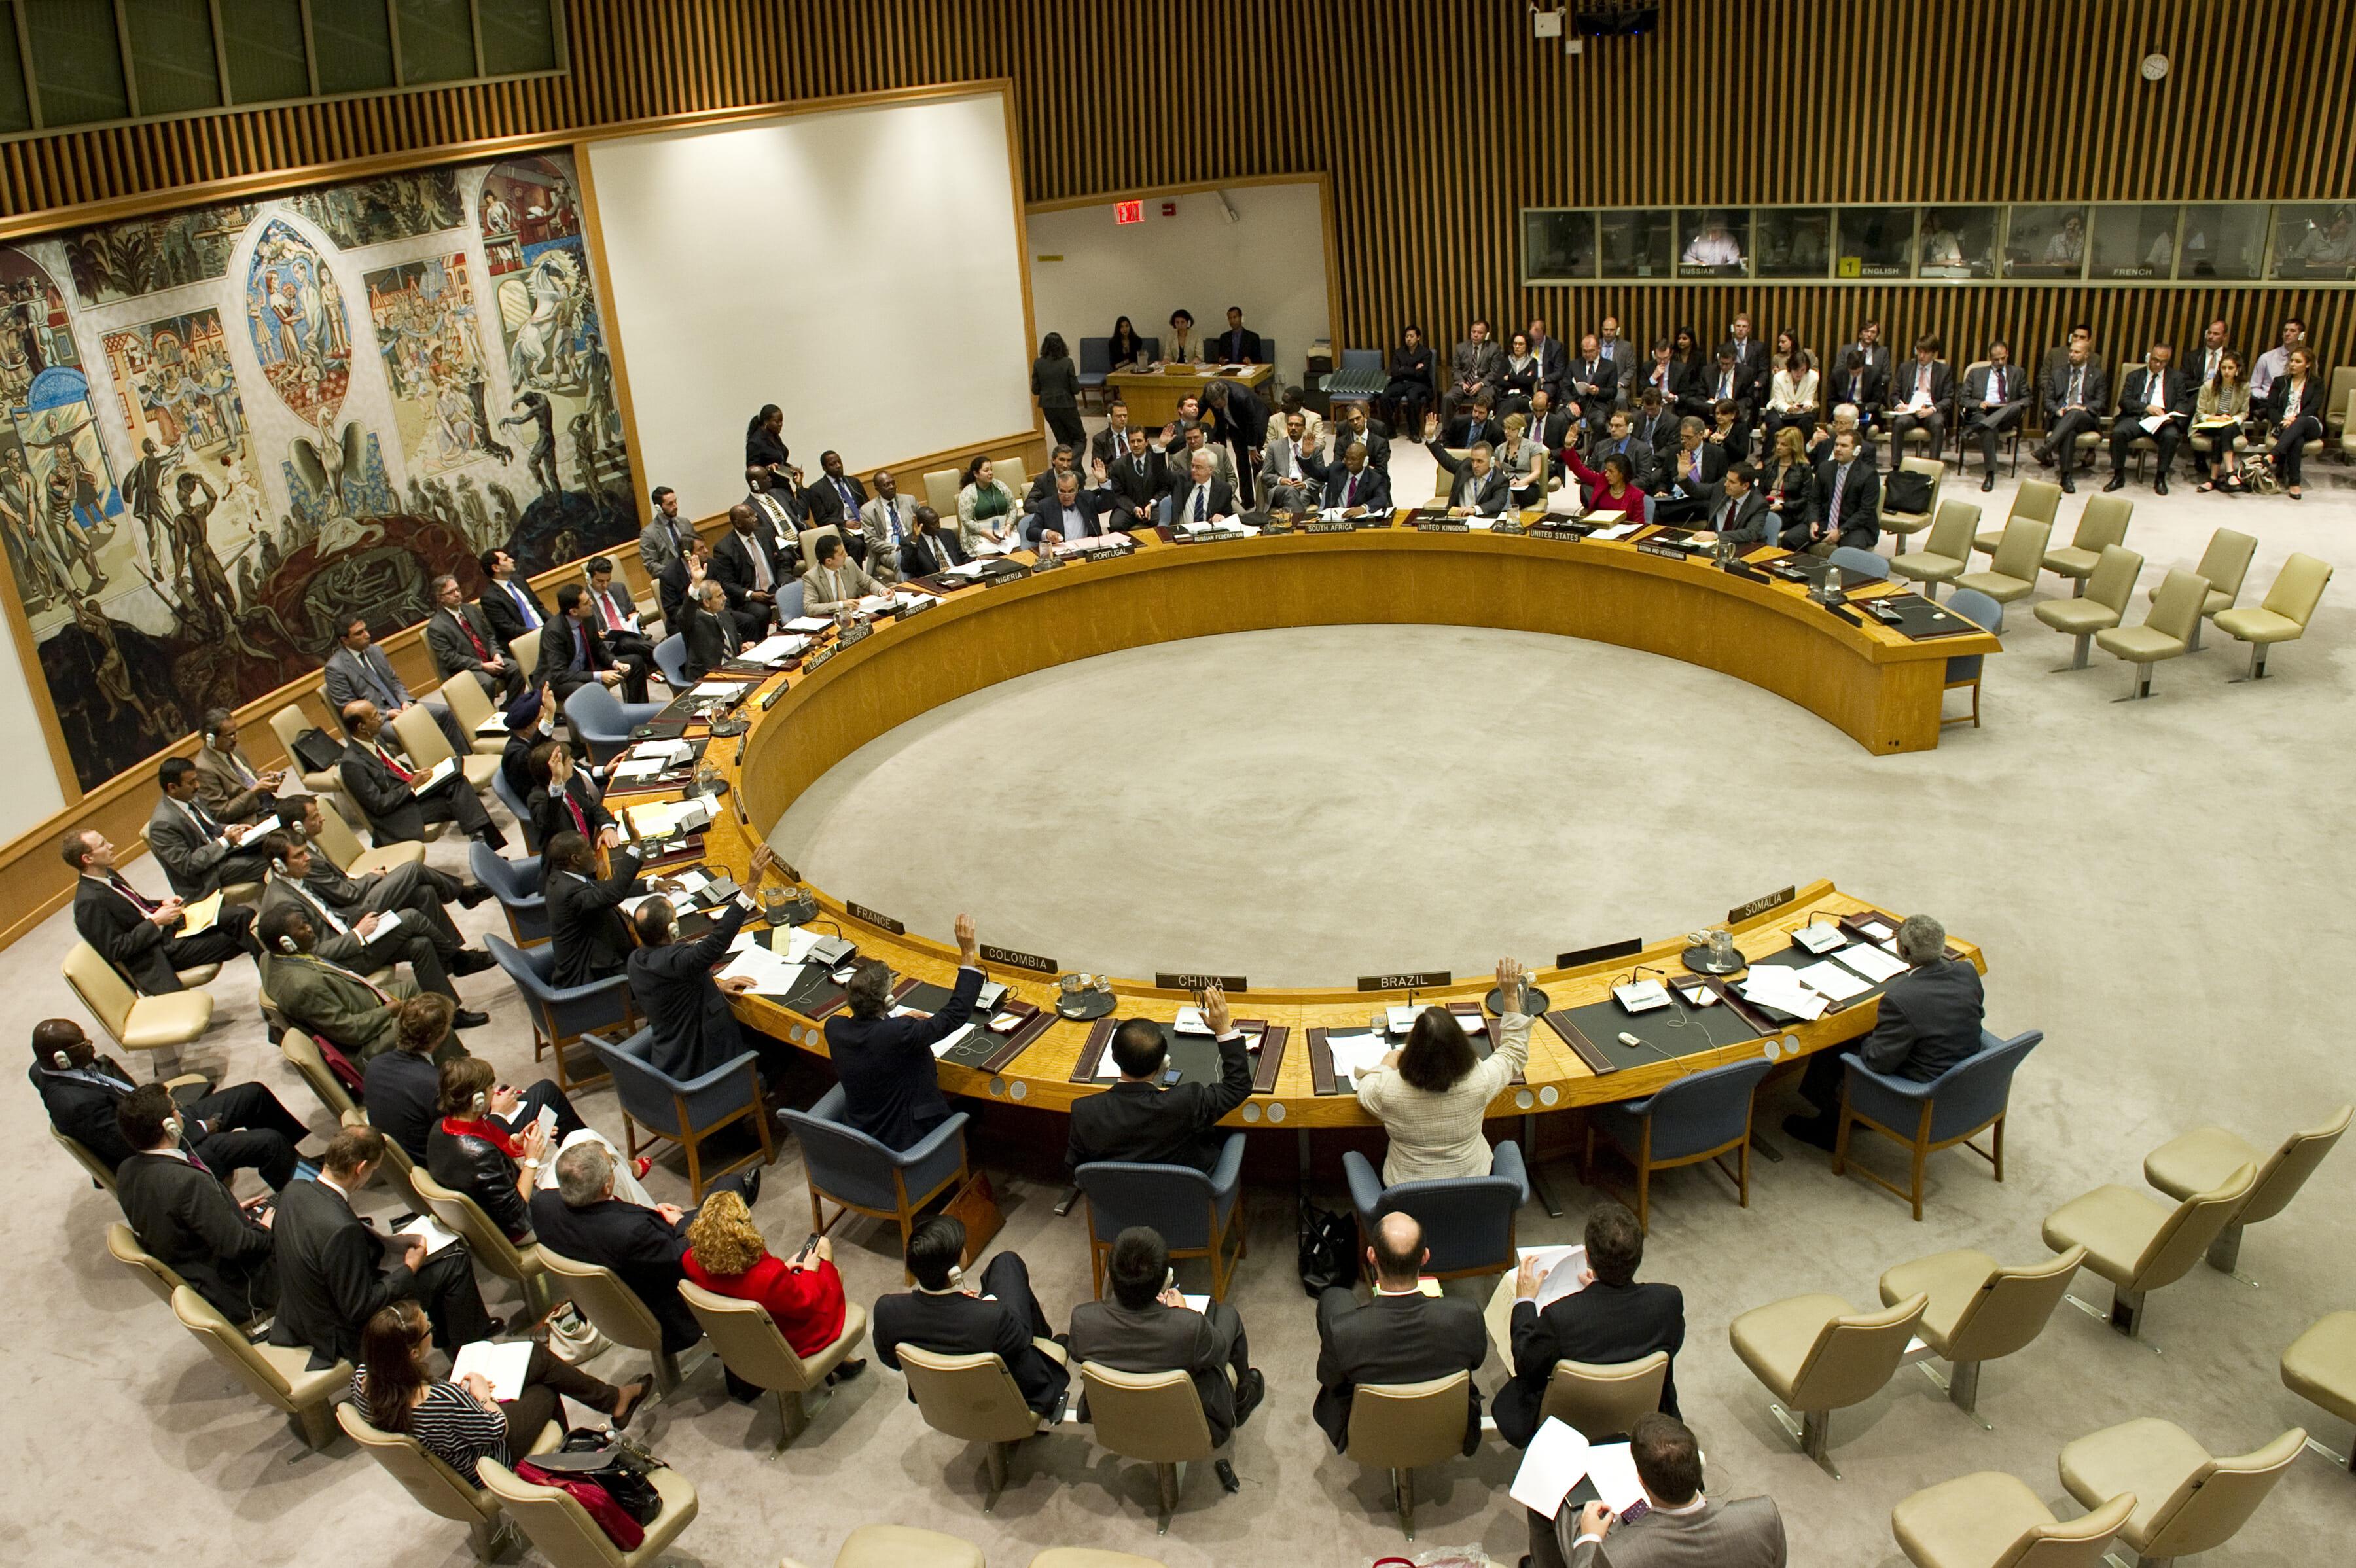 Giftgaseinsatz in Syrien: Gelebter Multilateralismus